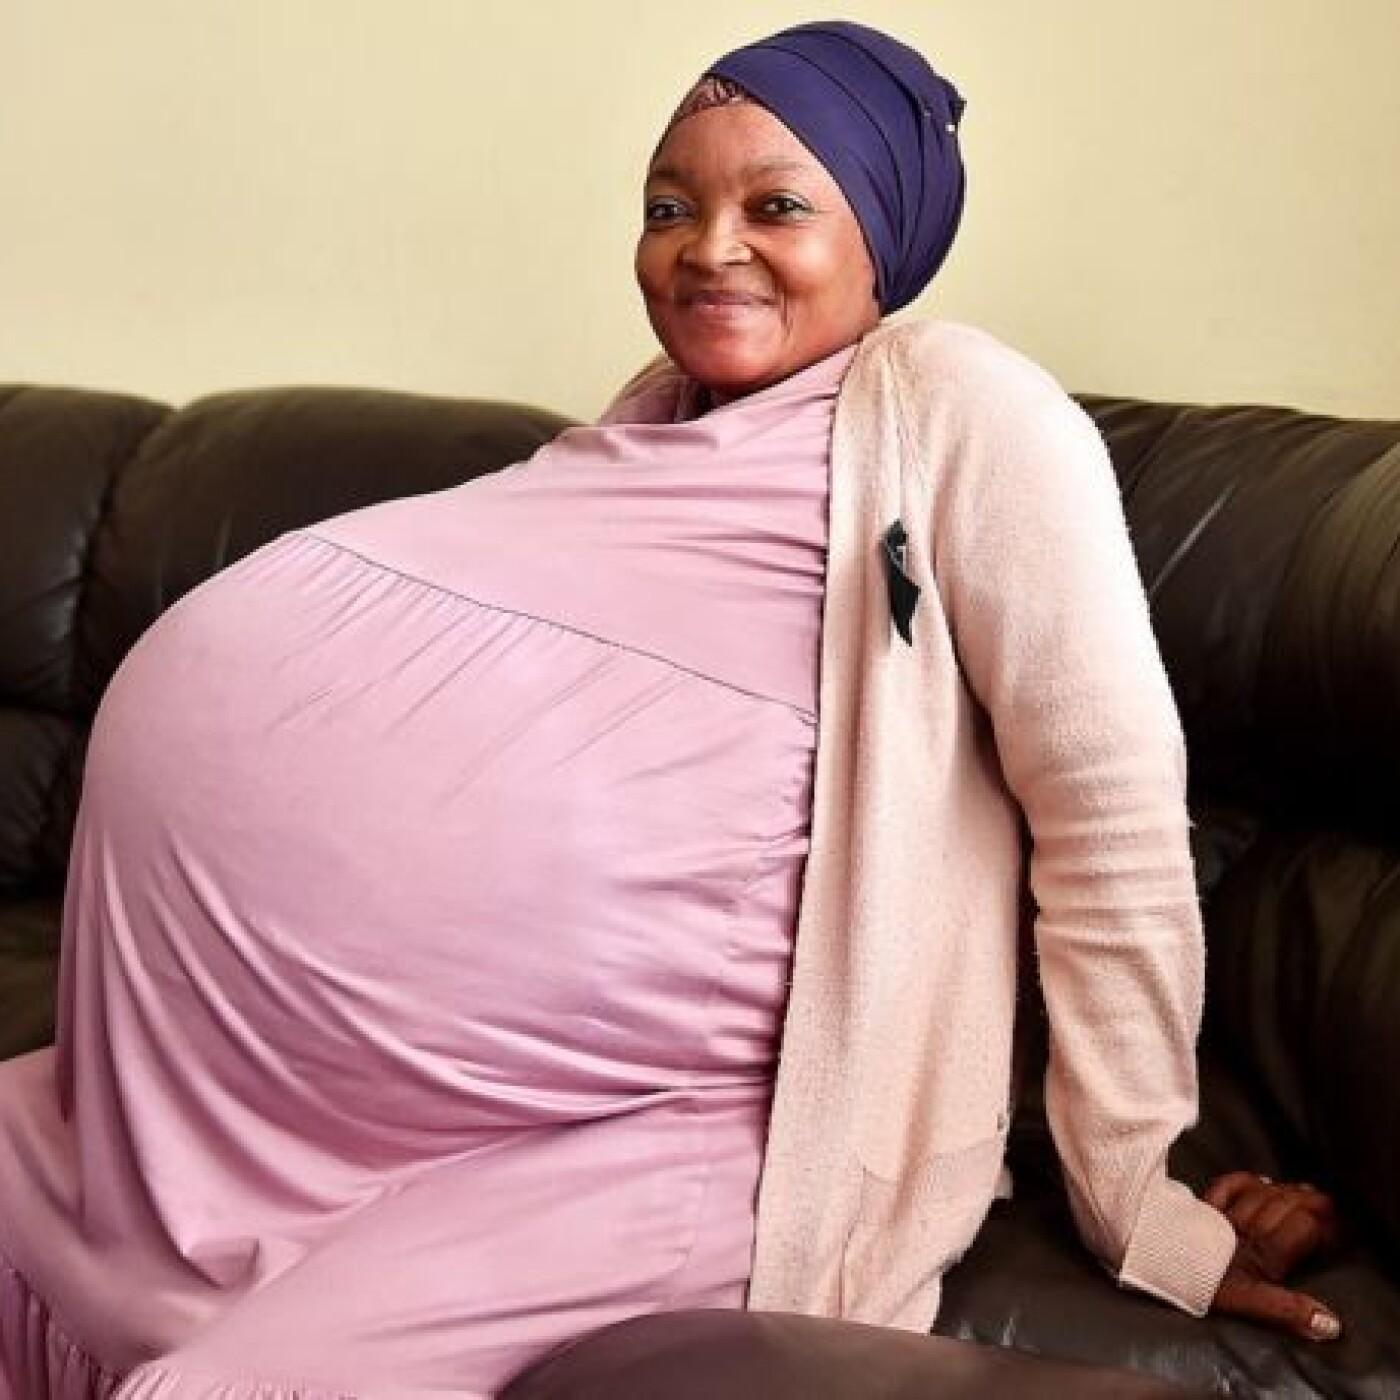 Humeur du jour : Record mondial lors d'un accouchement... Ecoutez pour en savoir plus ! - 11 06 2021 - StereoChic Radio